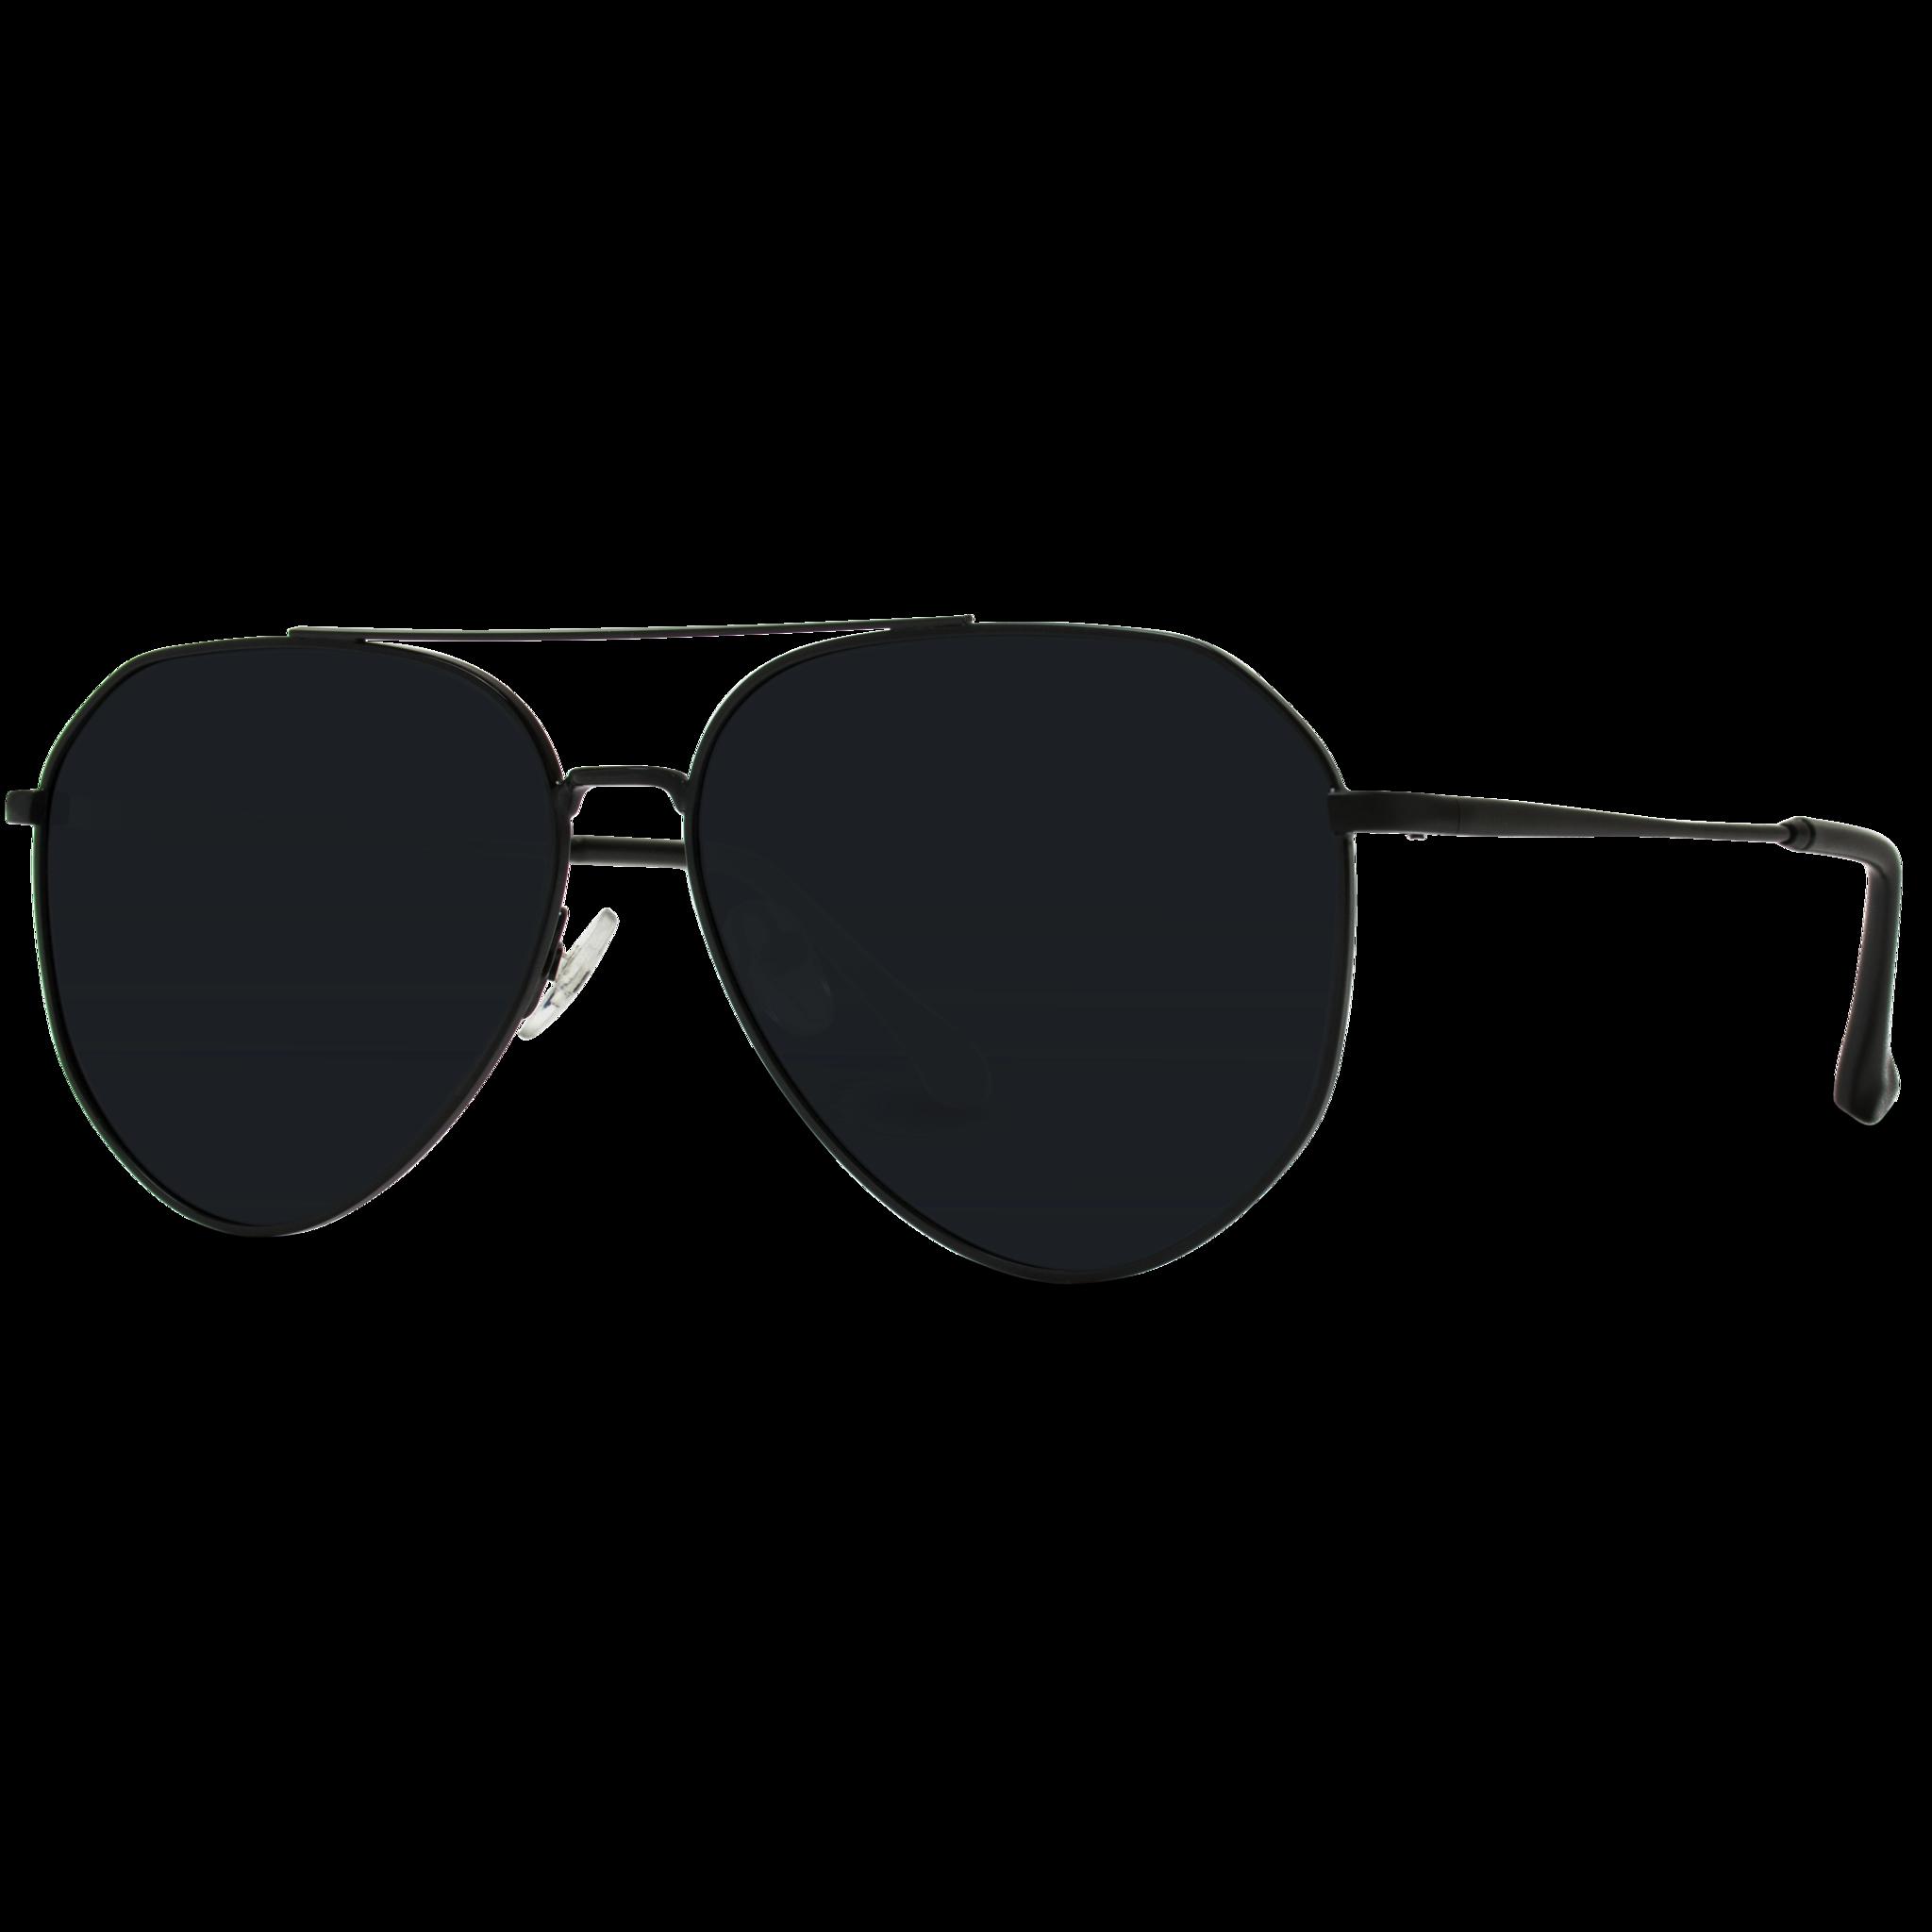 8a2f7fad4660b Aaron Modern Geometric Polarized Aviators Sunglasses in 2019